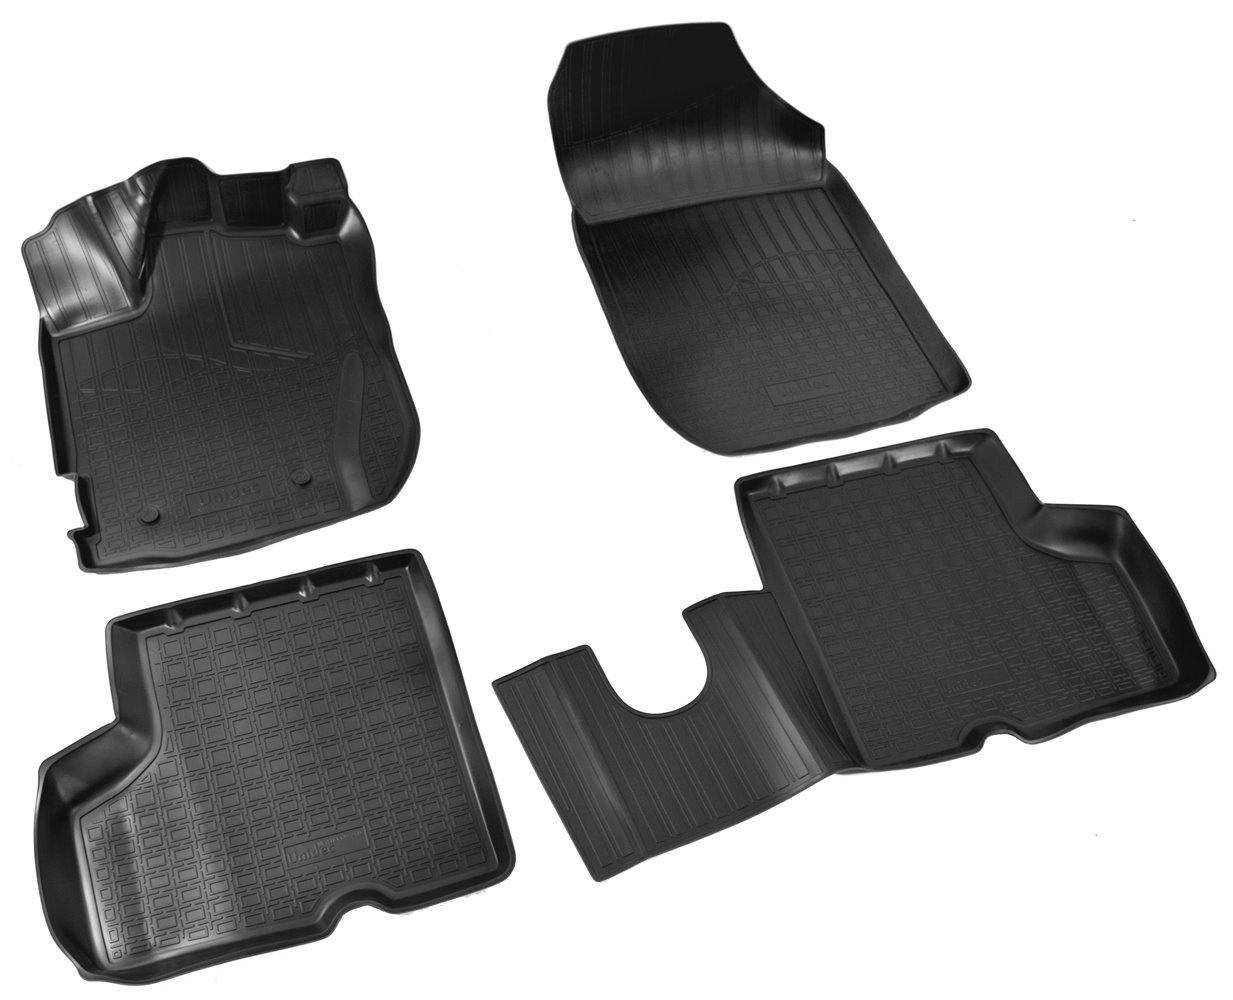 Коврики в салон автомобиля Norplast для Renault Kaptur 3D 2016, NPA11-C69-240, черный фаркоп renault kaptur 2016